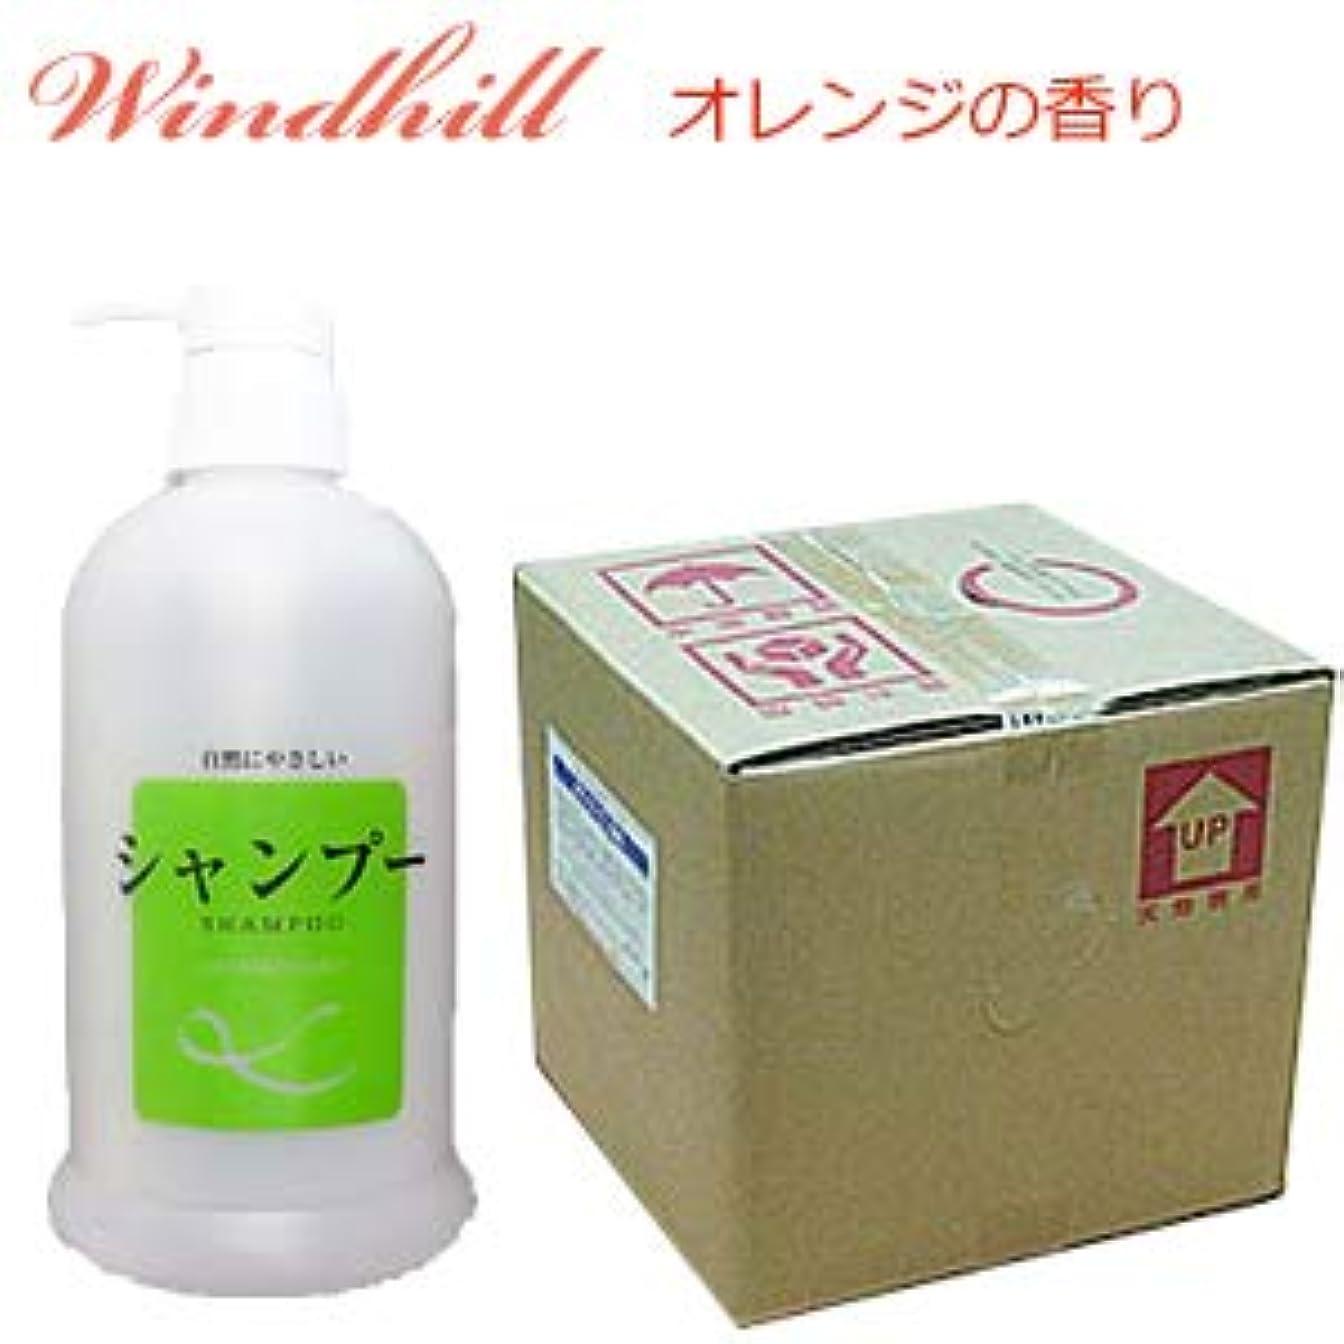 建築不器用ペンスWindhill 植物性 業務用 シャンプー オレンジの香り 20L(1セット20L入)